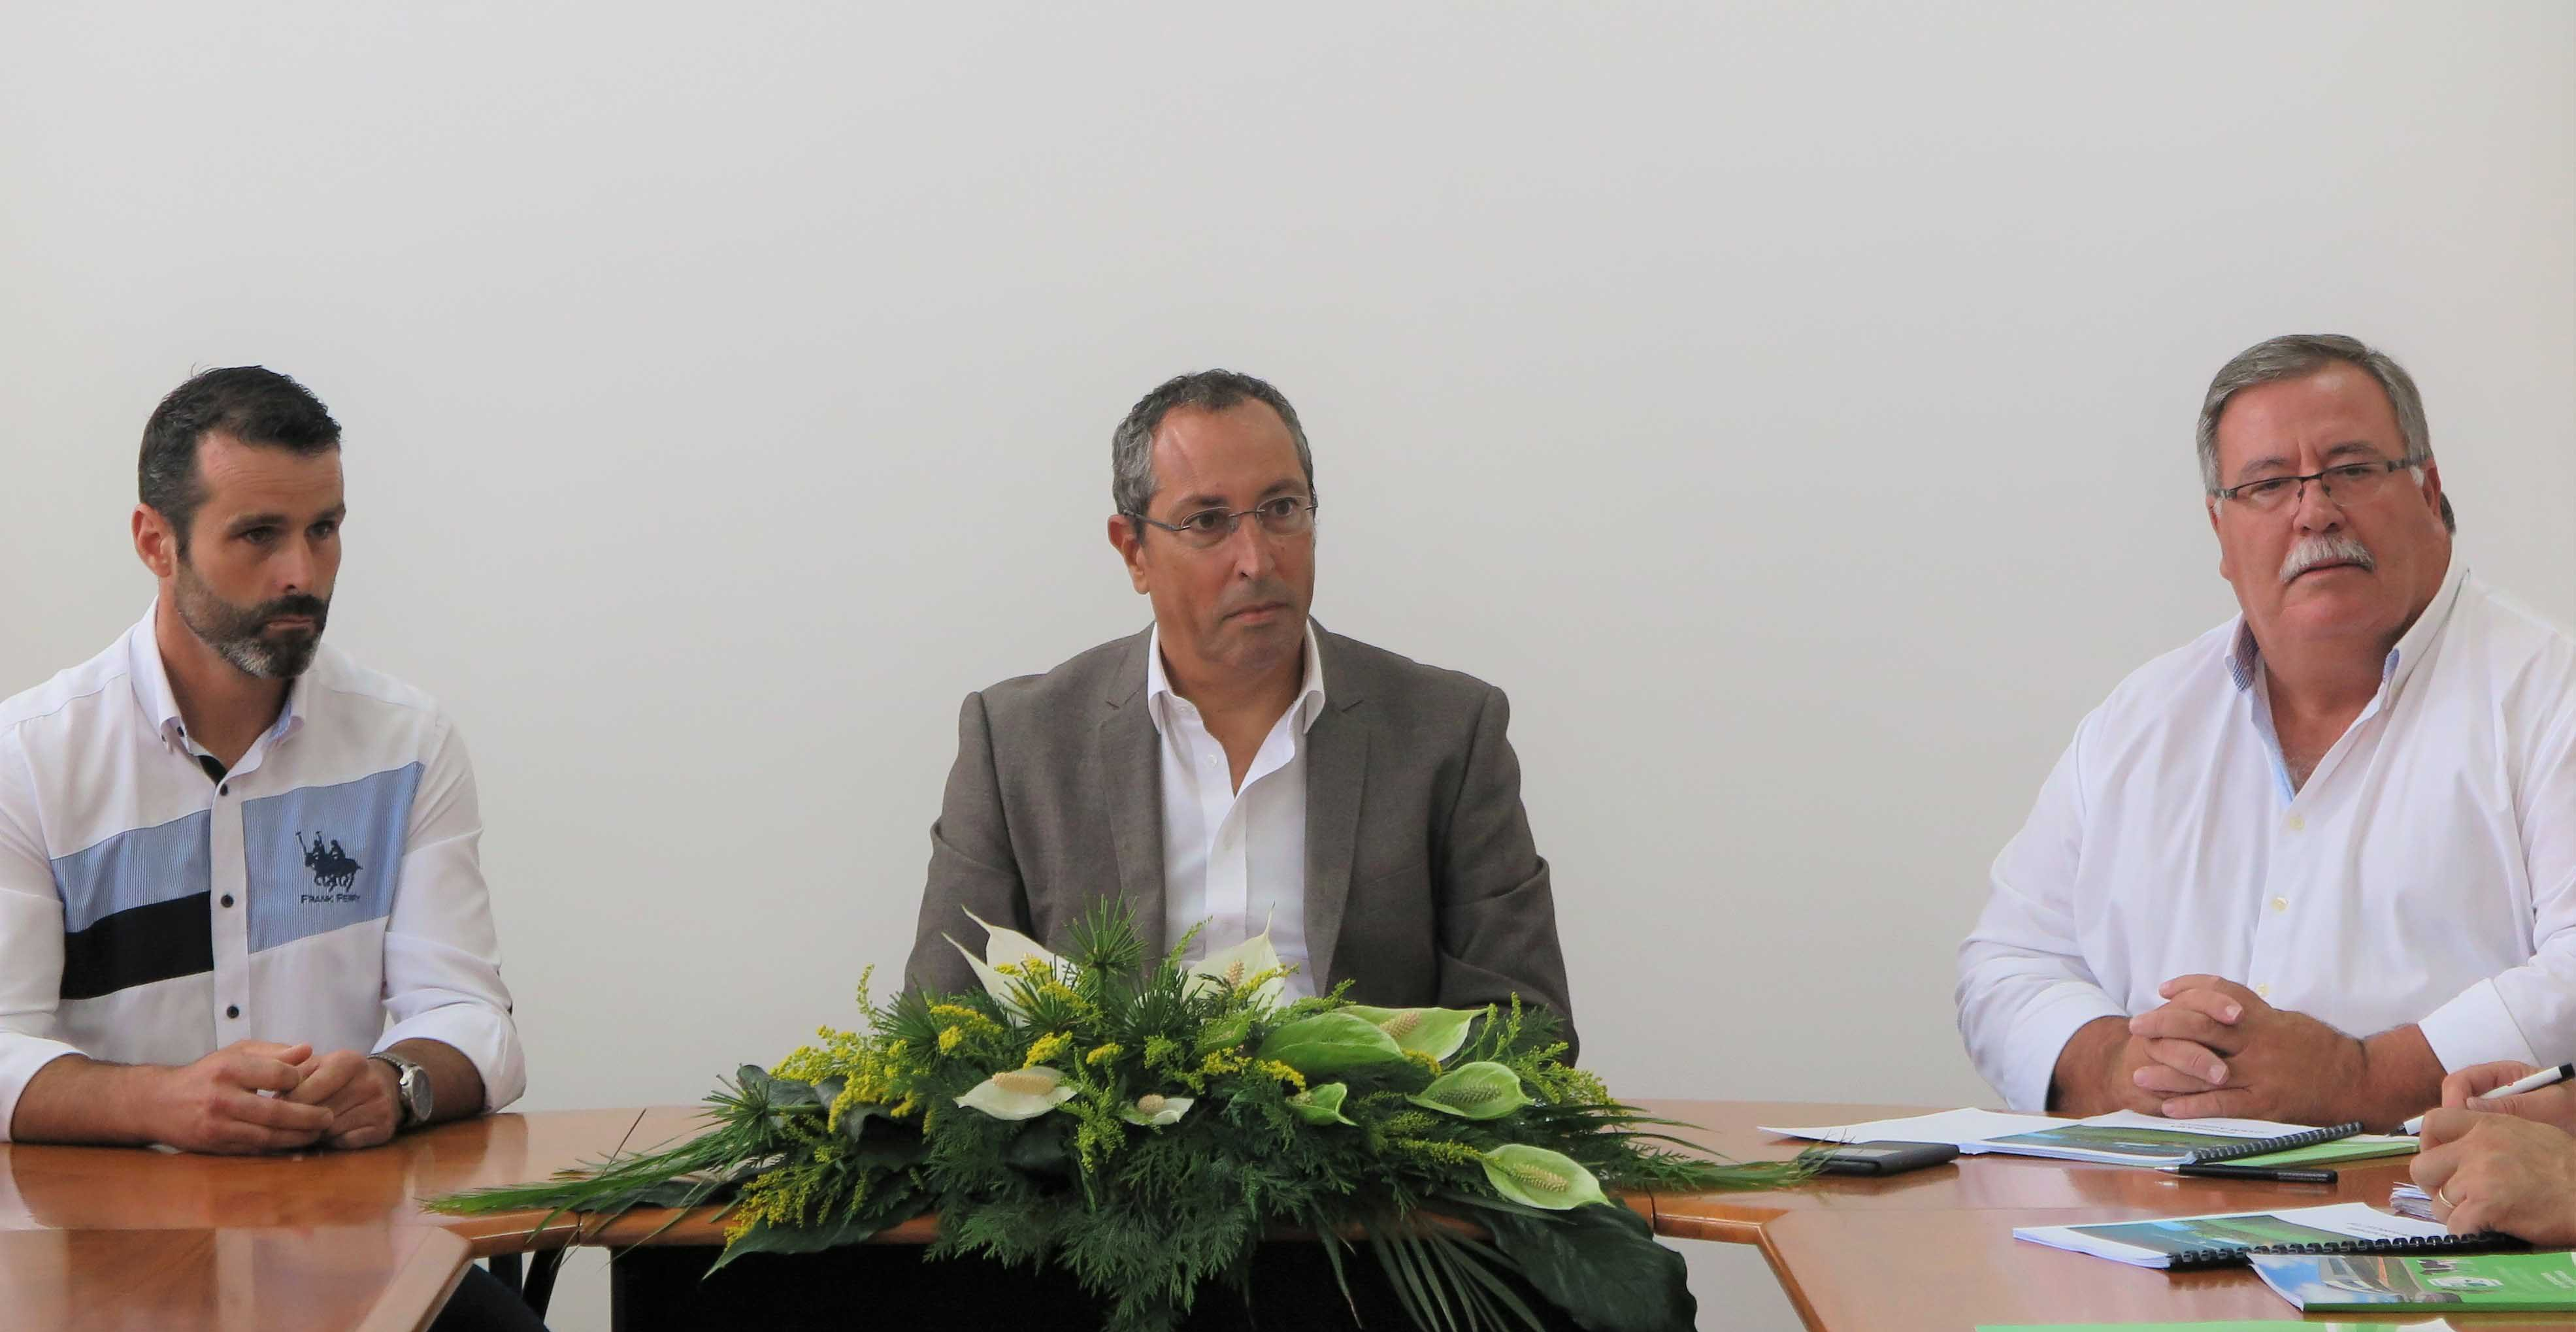 Programa Jovem Agricultor visa garantir a sustentabilidade futura da agricultura nos Açores, afirma João Ponte